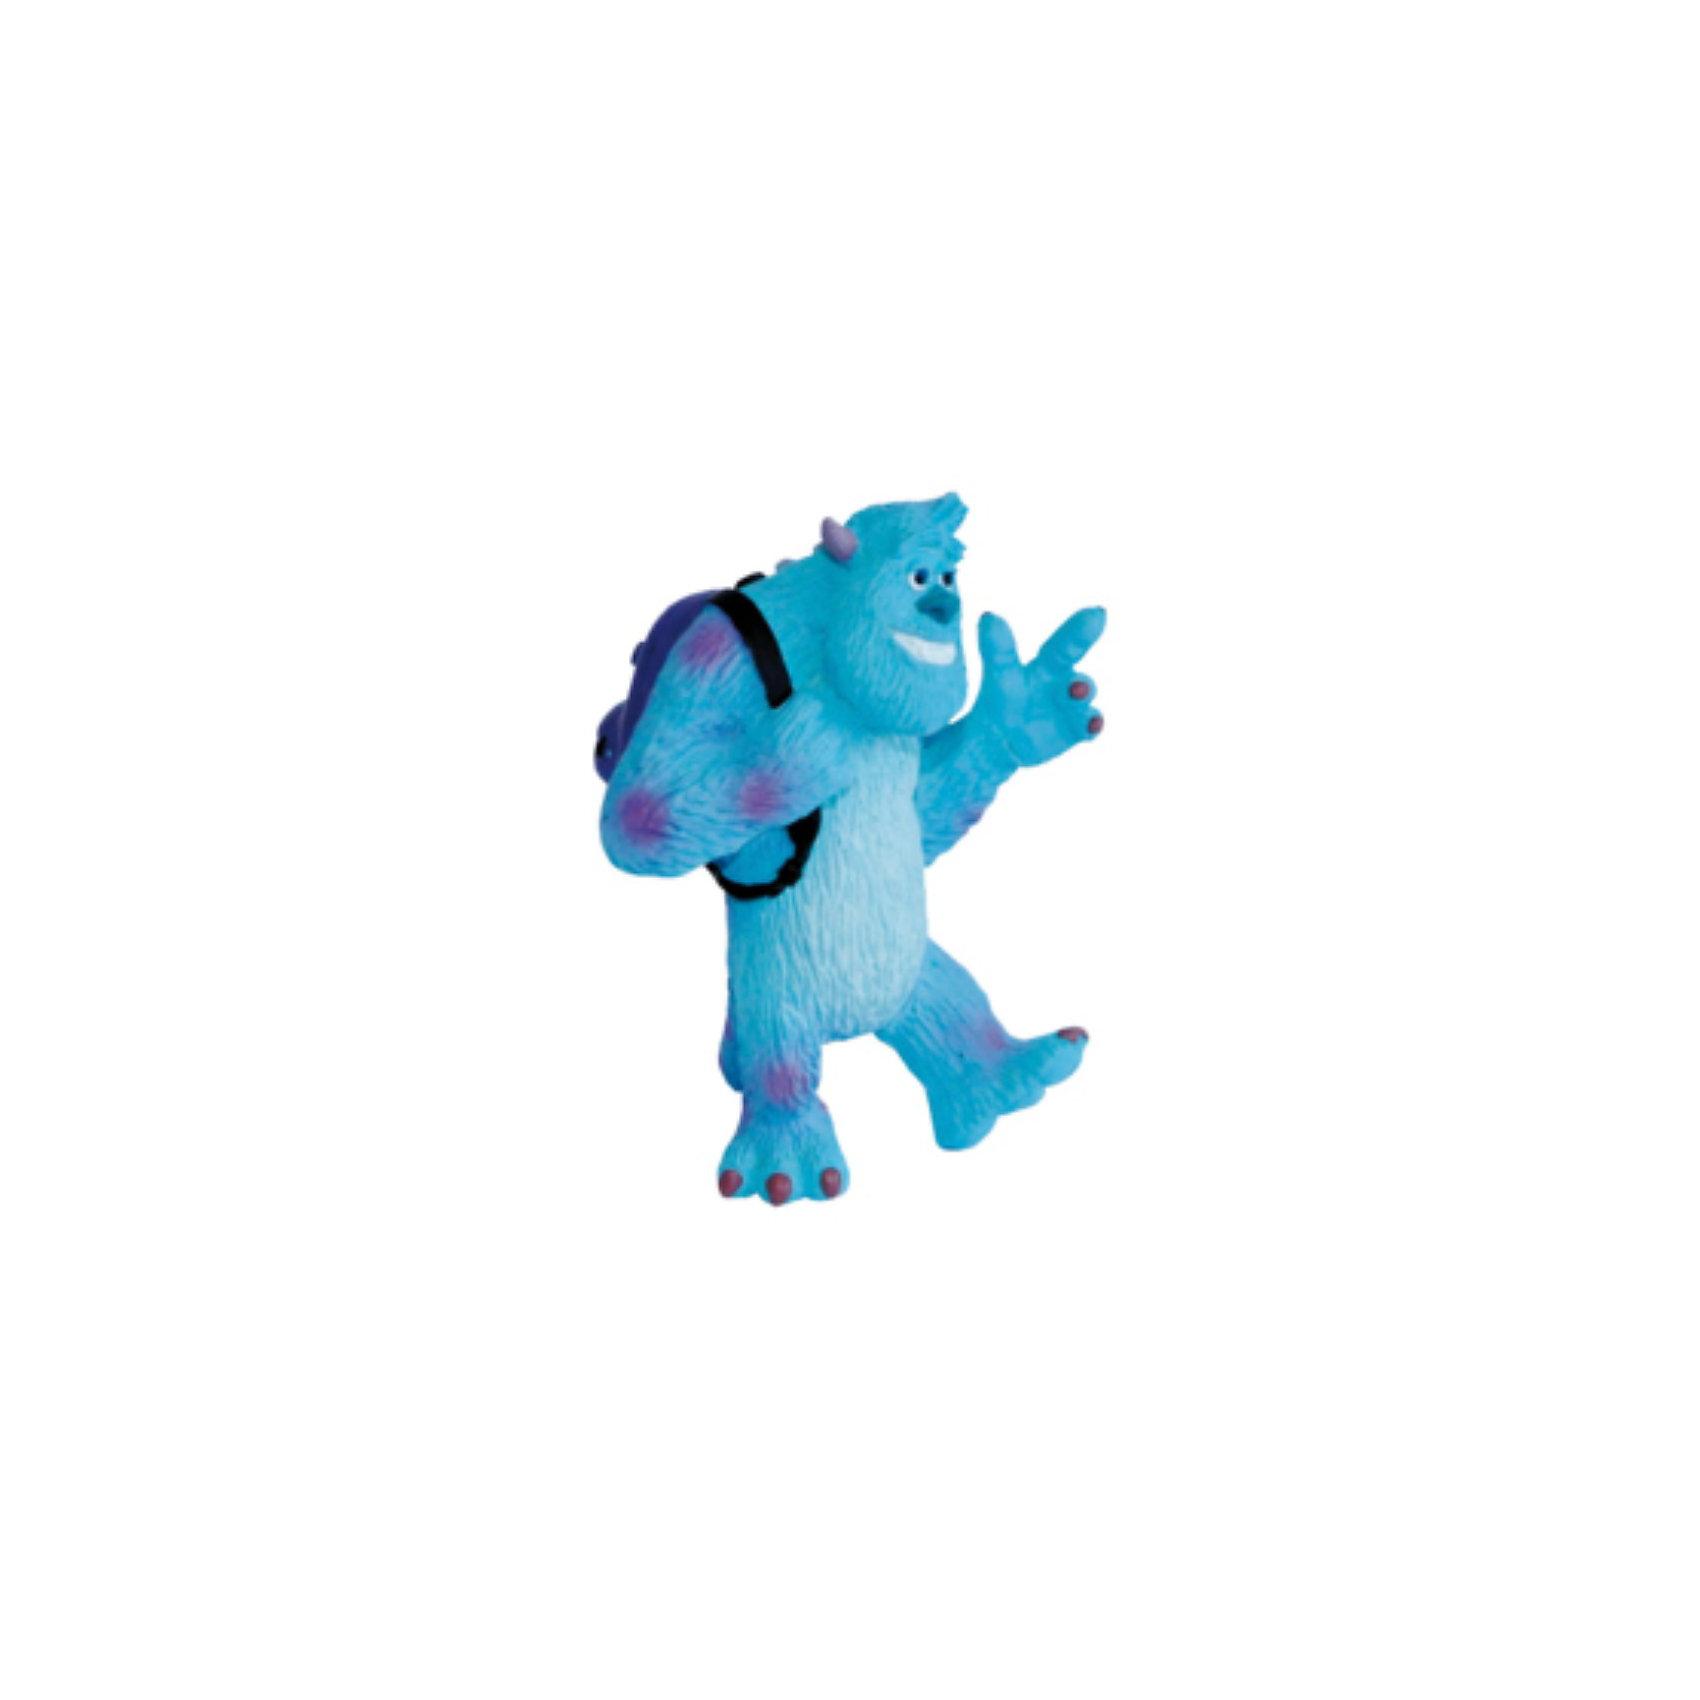 Фигурка Салли, Университет МонстровУниверситет монстров<br>Фигурка монстра Салливана из мультфильма компании Пиксар «Университет Монстров». Представьте себе мохнатого и забавного монстра с короткими рожками и бирюзовой шерстью! Добряк Салли считает, что учиться ему совсем не нужно. Конечно, вскоре Салли и его друга Майка исключат со Страшильного факультета. Фигурка обаятельного, мохнатого монстра очень нравится детям. Игрушка выполнена из высококачественных, нетоксичных материалов и безопасна для детей. <br><br>Дополнительная информация:<br><br>Размер: 7 см <br>Материал: термопластичный каучук высокого качества. <br> <br>Фигурку Салли, Университет Монстров можно купить в нашем магазине.<br><br>Ширина мм: 85<br>Глубина мм: 57<br>Высота мм: 38<br>Вес г: 33<br>Возраст от месяцев: 36<br>Возраст до месяцев: 96<br>Пол: Унисекс<br>Возраст: Детский<br>SKU: 3188735